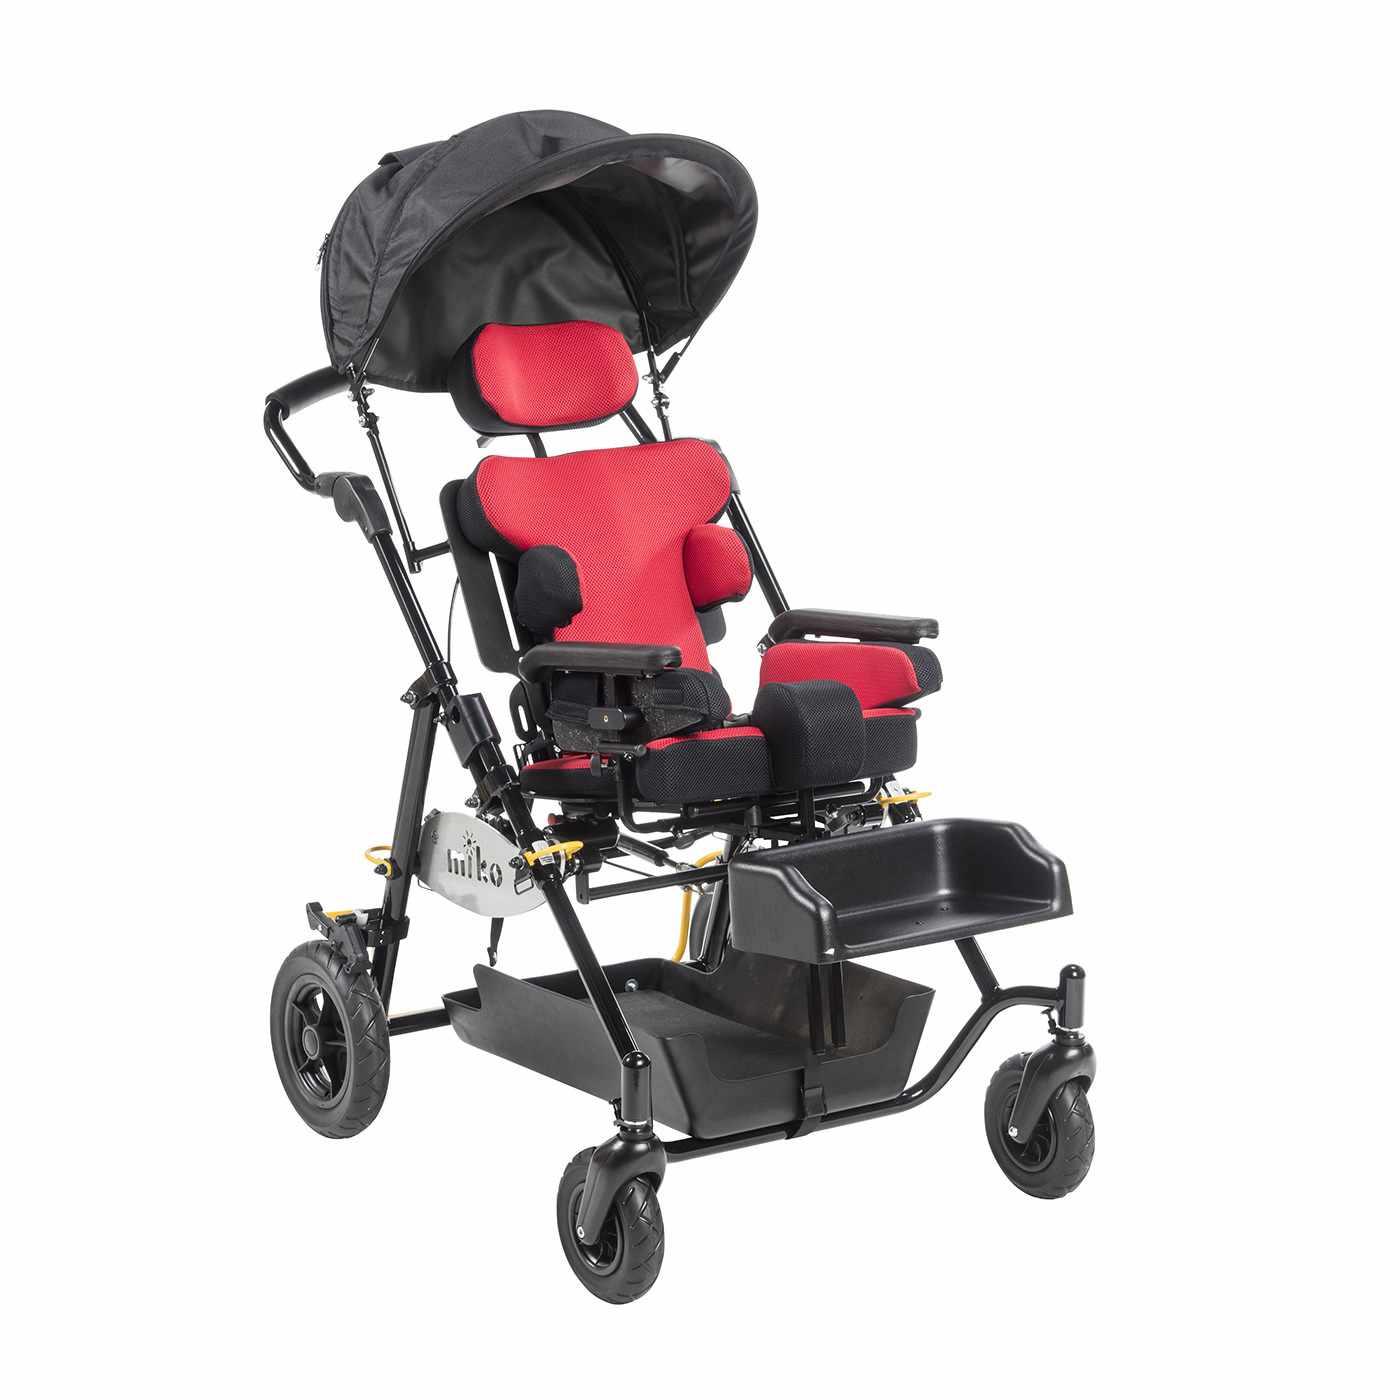 Miko tilt mobility stroller